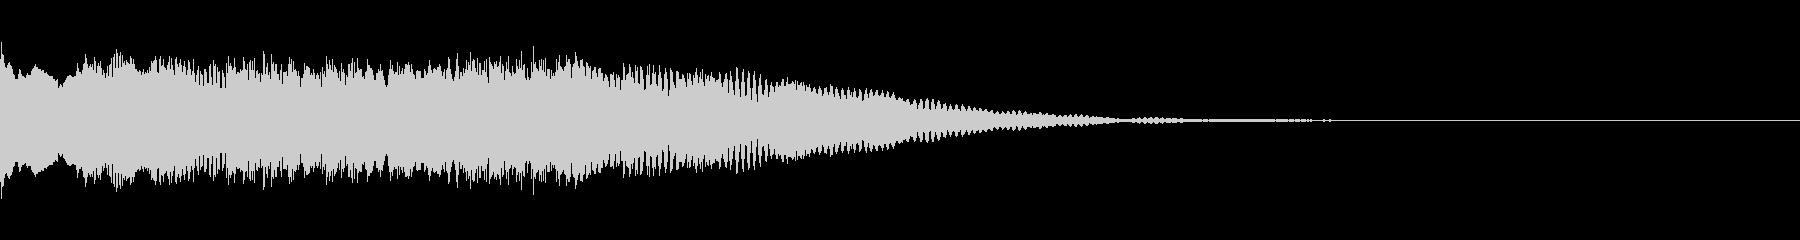 起動音、お知らせ、チャイム、ご案内(↓)の未再生の波形